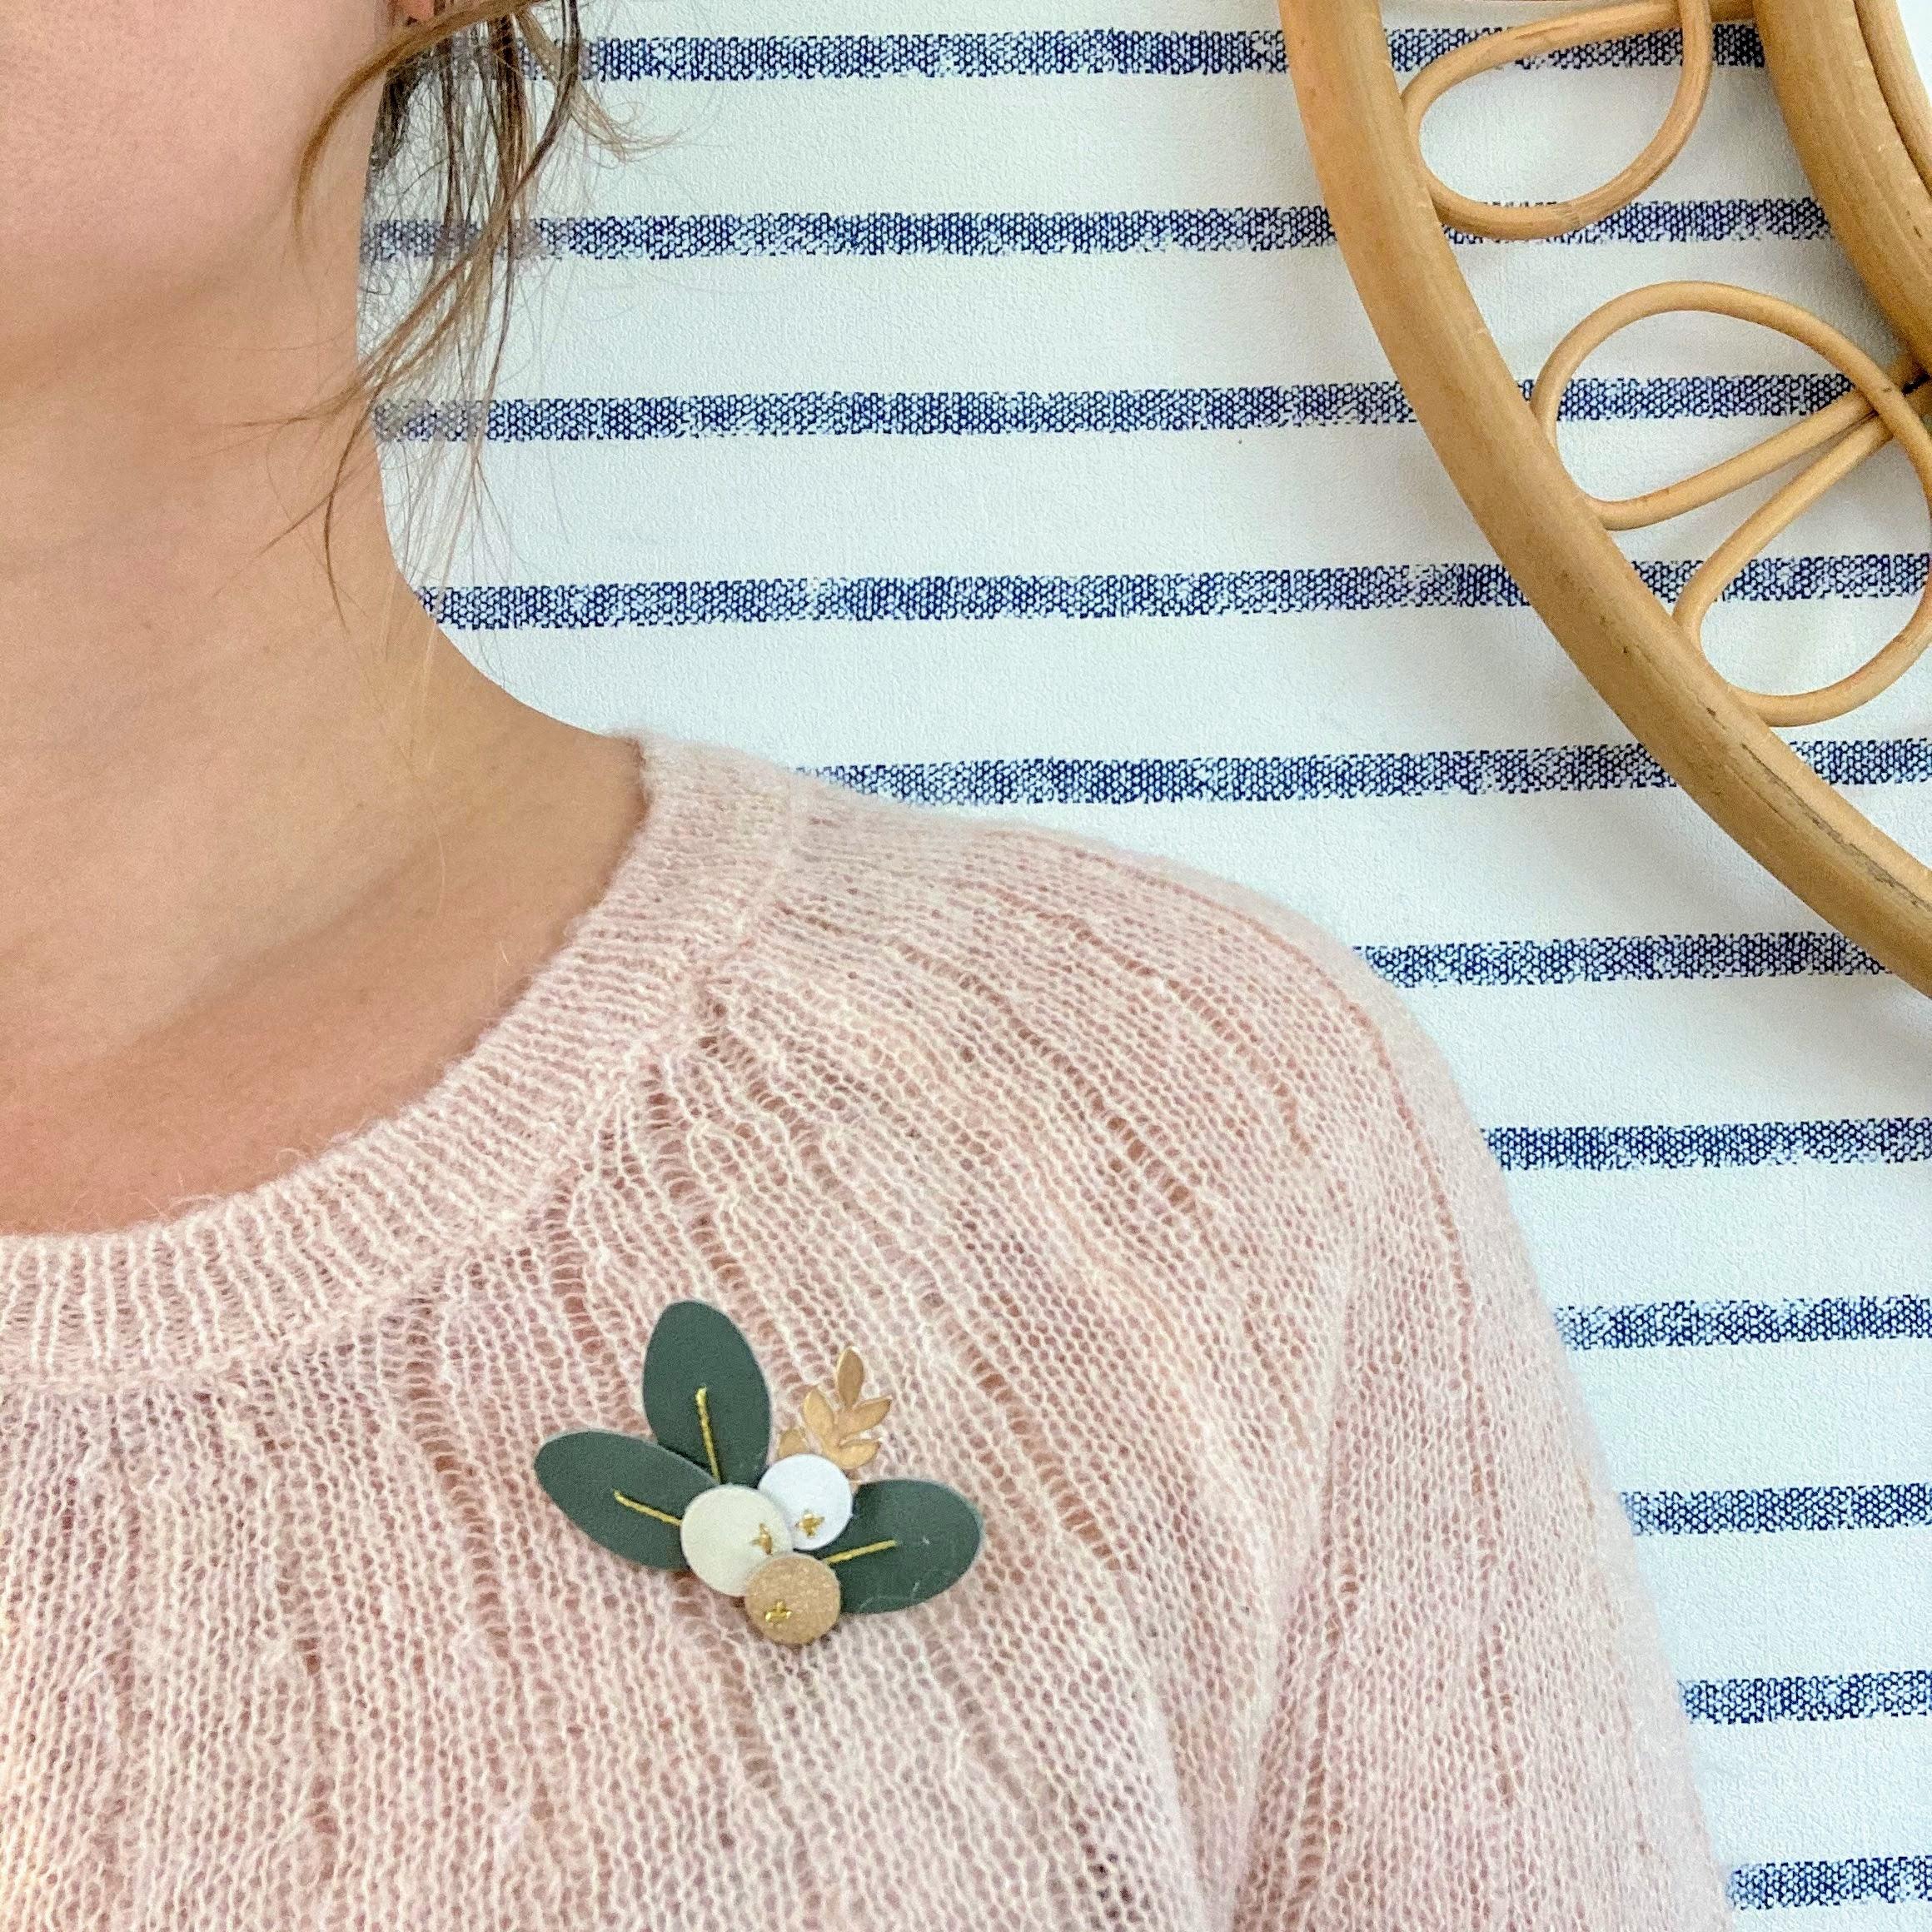 Broche en cuir poétique et durable, baies et feuilles eucalypus broderie fil métallisé doré - du vent dans mes valises